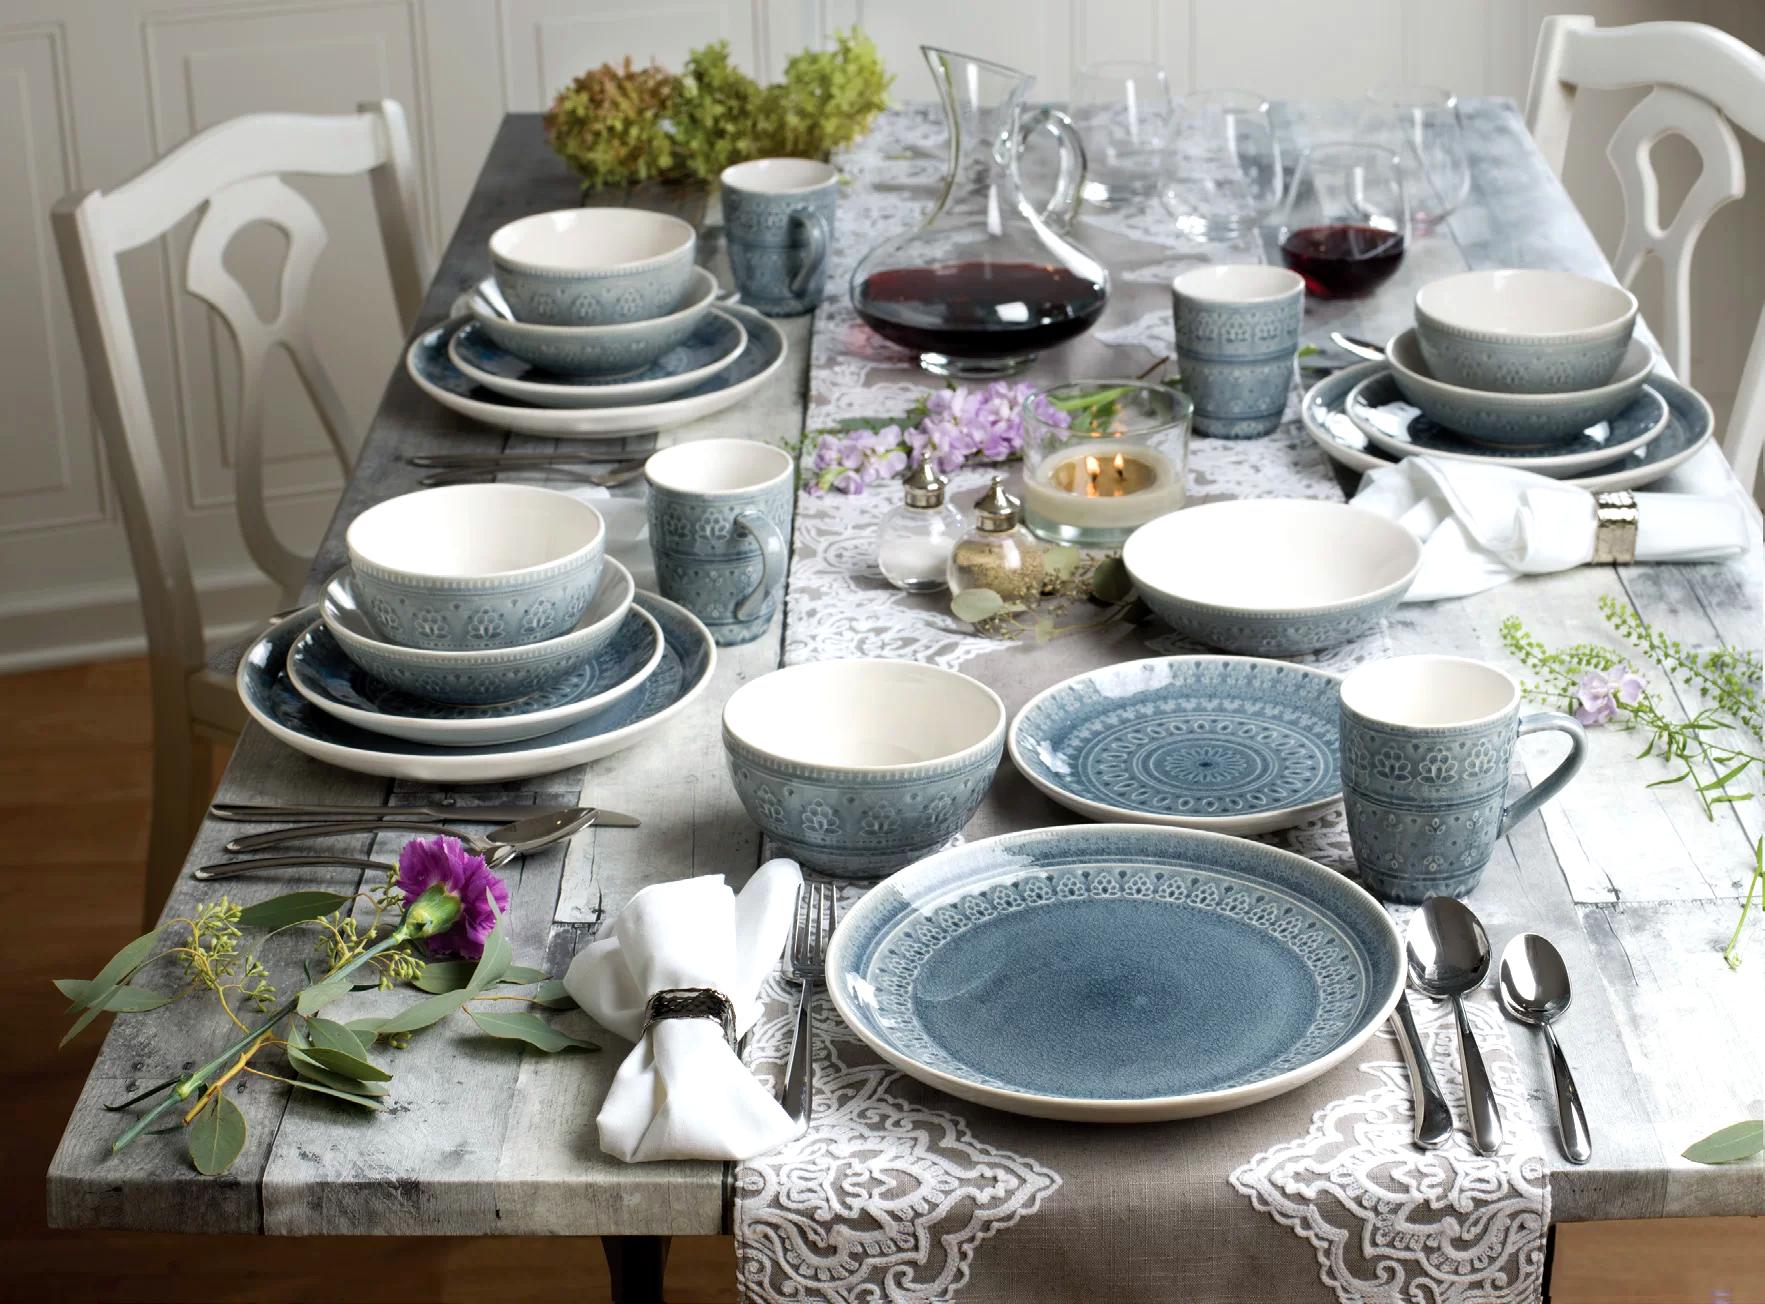 Современные столовые сервизы имеют множественные вариации форм, размеров и рисунков